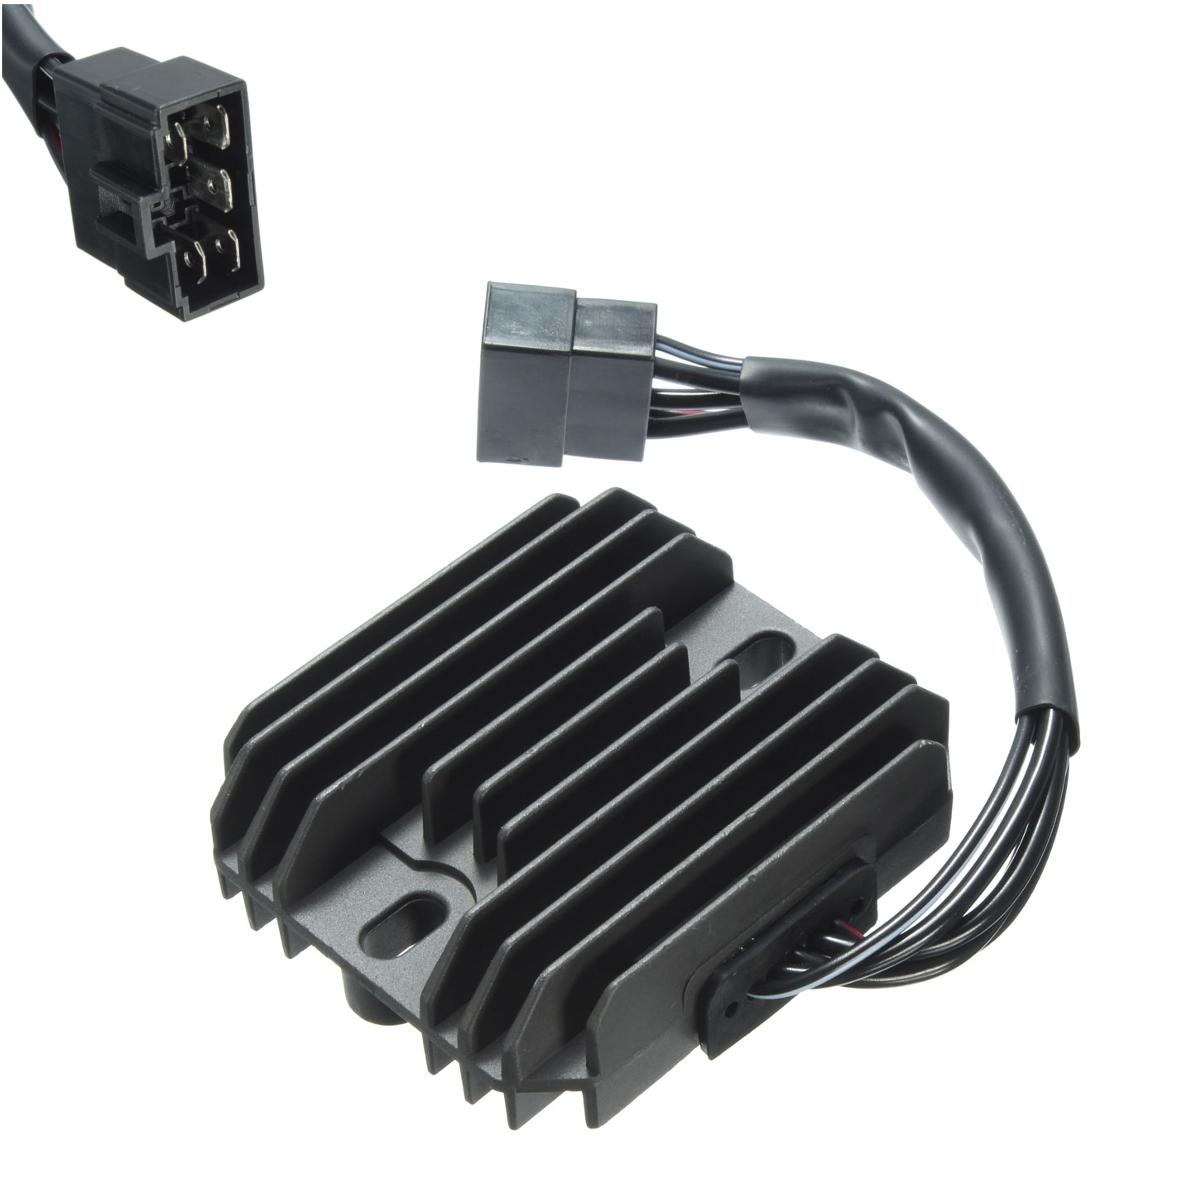 Buy Voltage Regulator Rectifier For Suzuki GSXR600 750 1300 1400 DL650 AN650 VL800